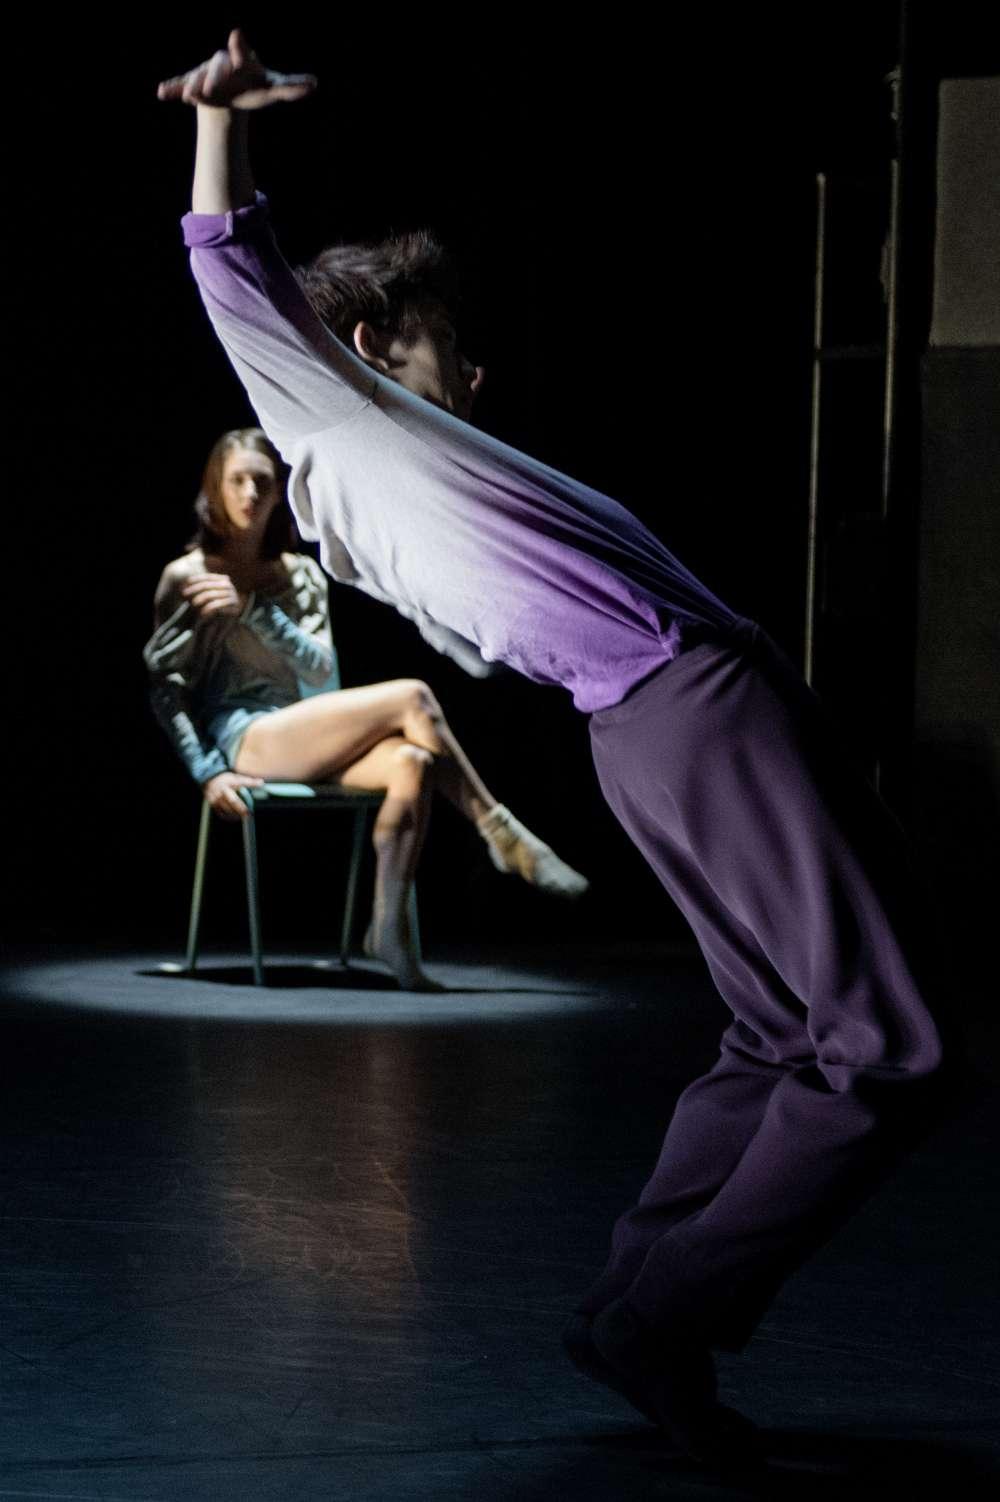 Junge Choreografen_Judith Schlosser_grosse Daten (5)_resized